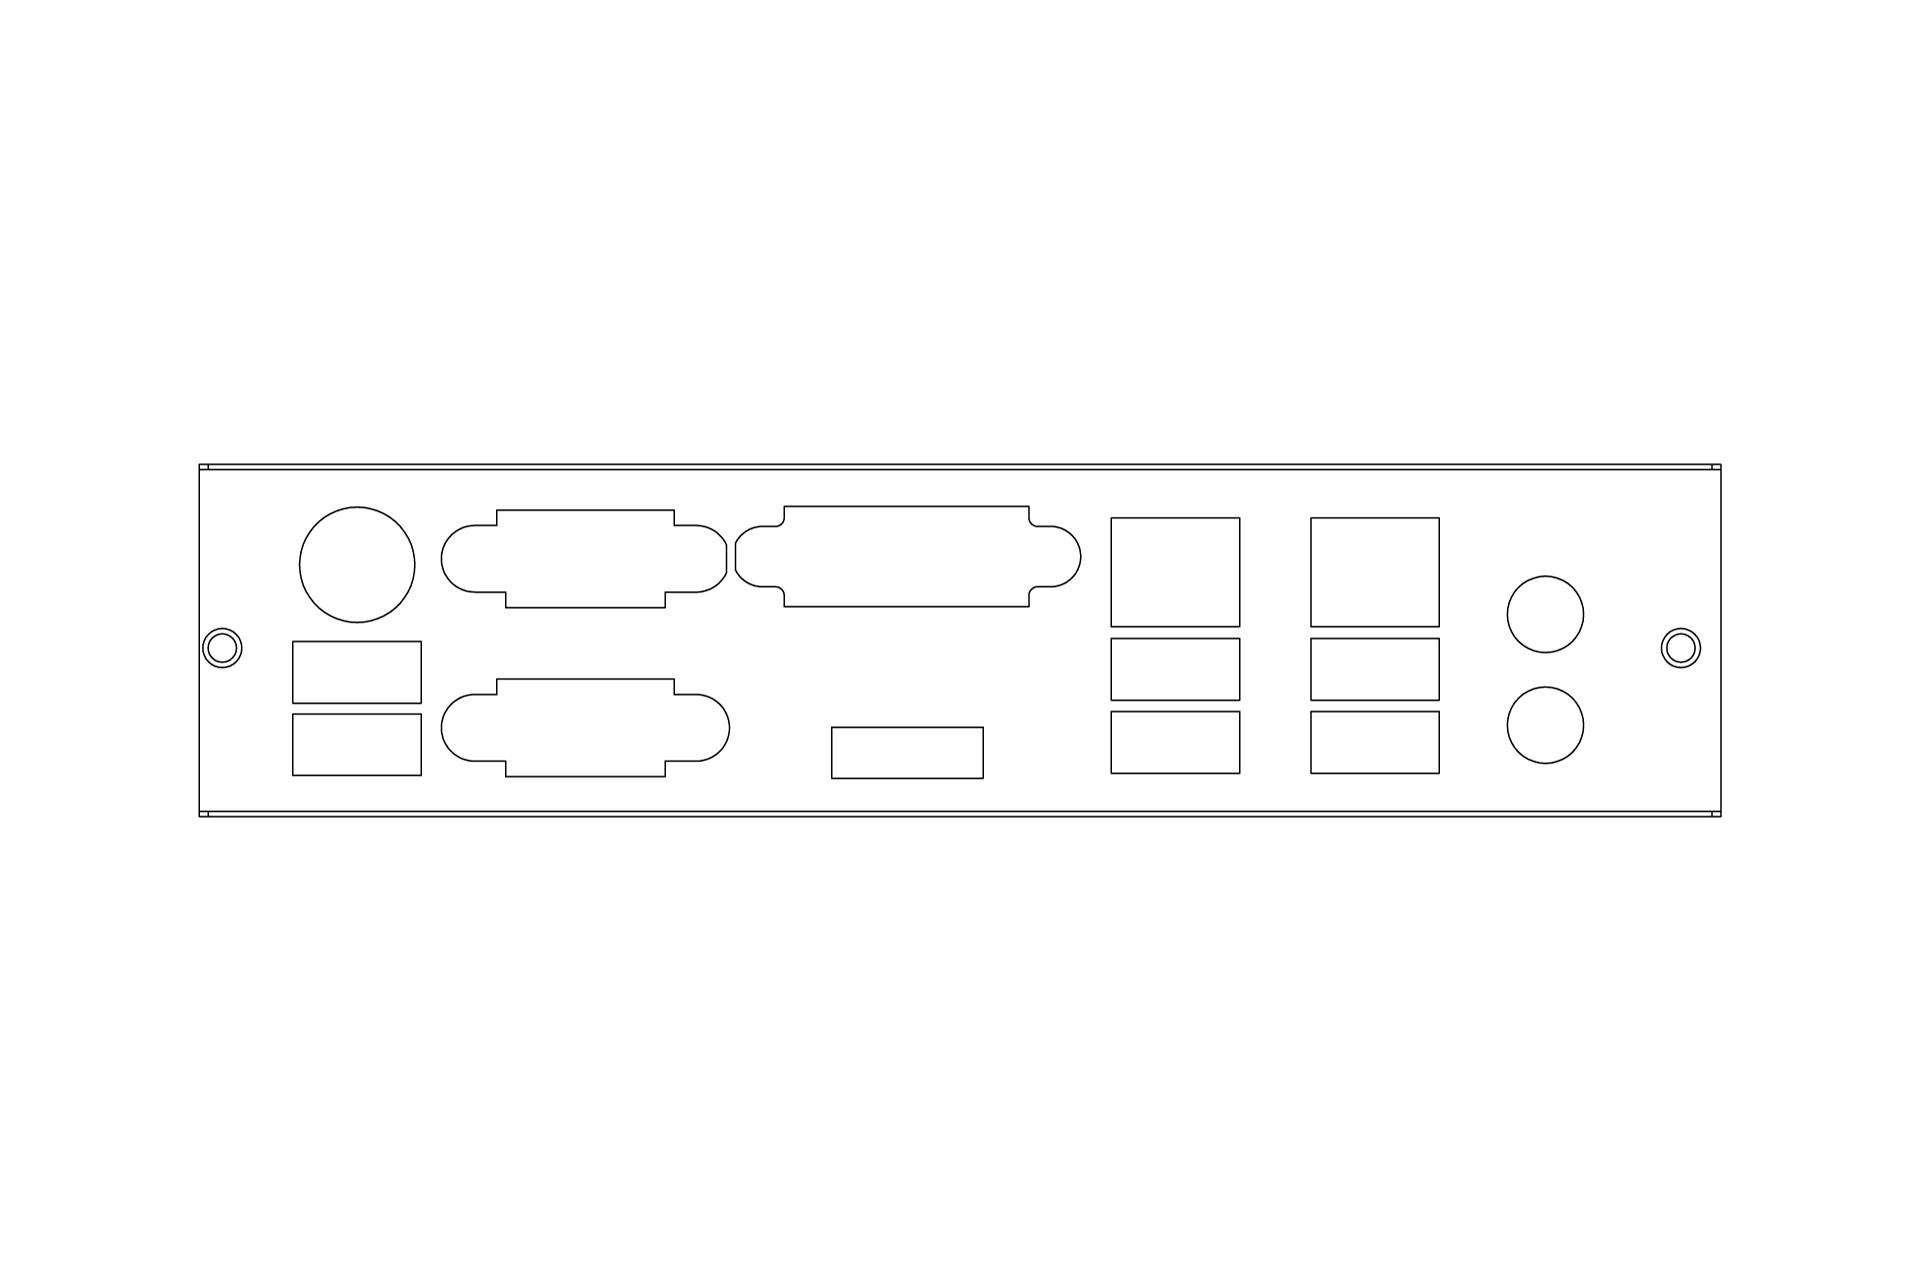 1U Rackmount Chassis / InWin / IW-RA102